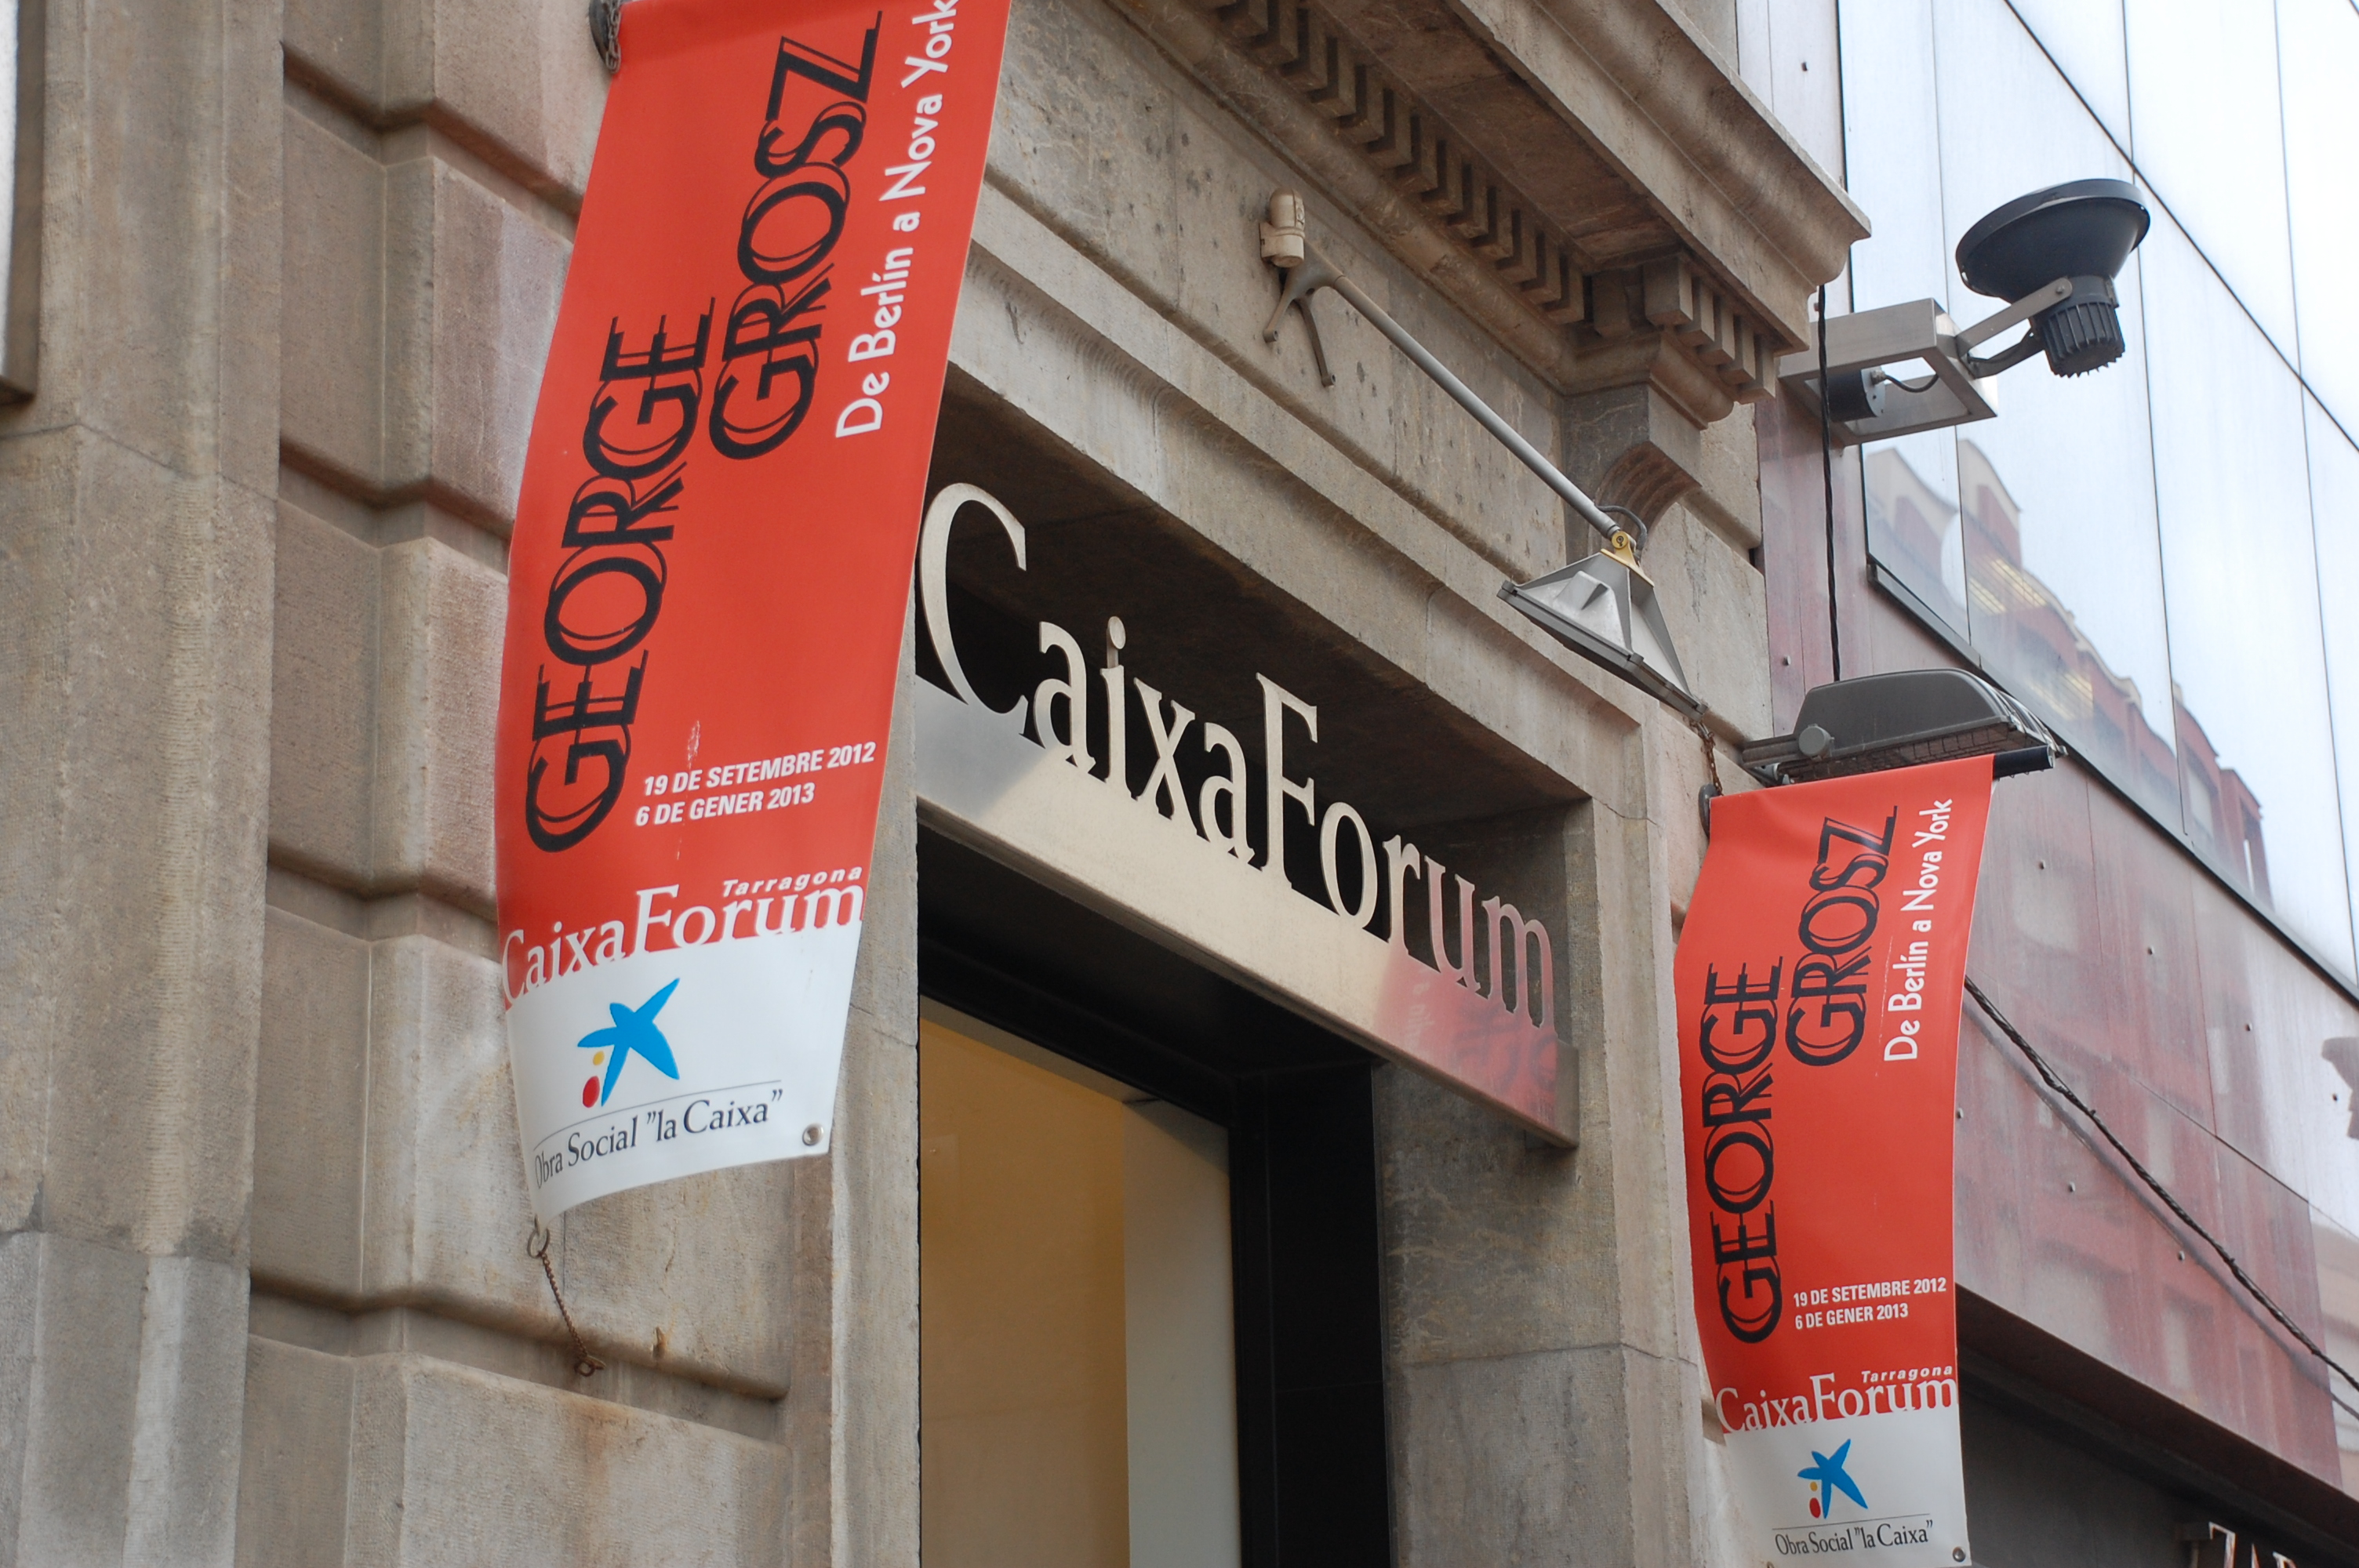 El CaixaForum Tarragona està situat al carrer Colom núm. 2